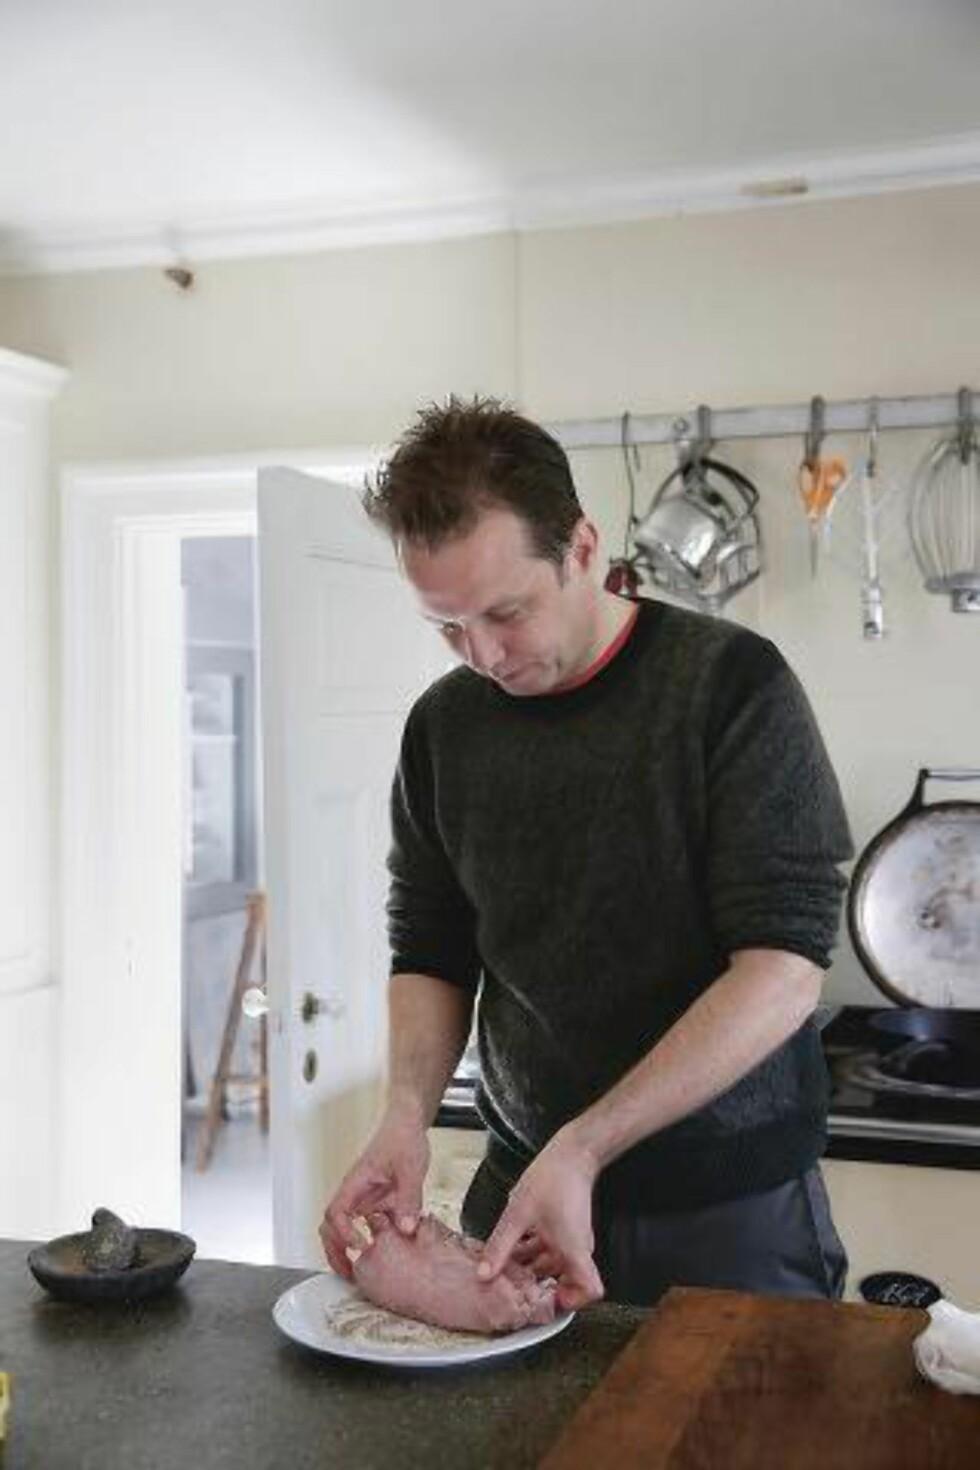 UTEN EN TRÅD: Andreas Viestad bruker verken hyssing eller nett når han steker roastbiff. Foto: METTE RANDEM/DEN STORE KJØTTKOKEBOKA